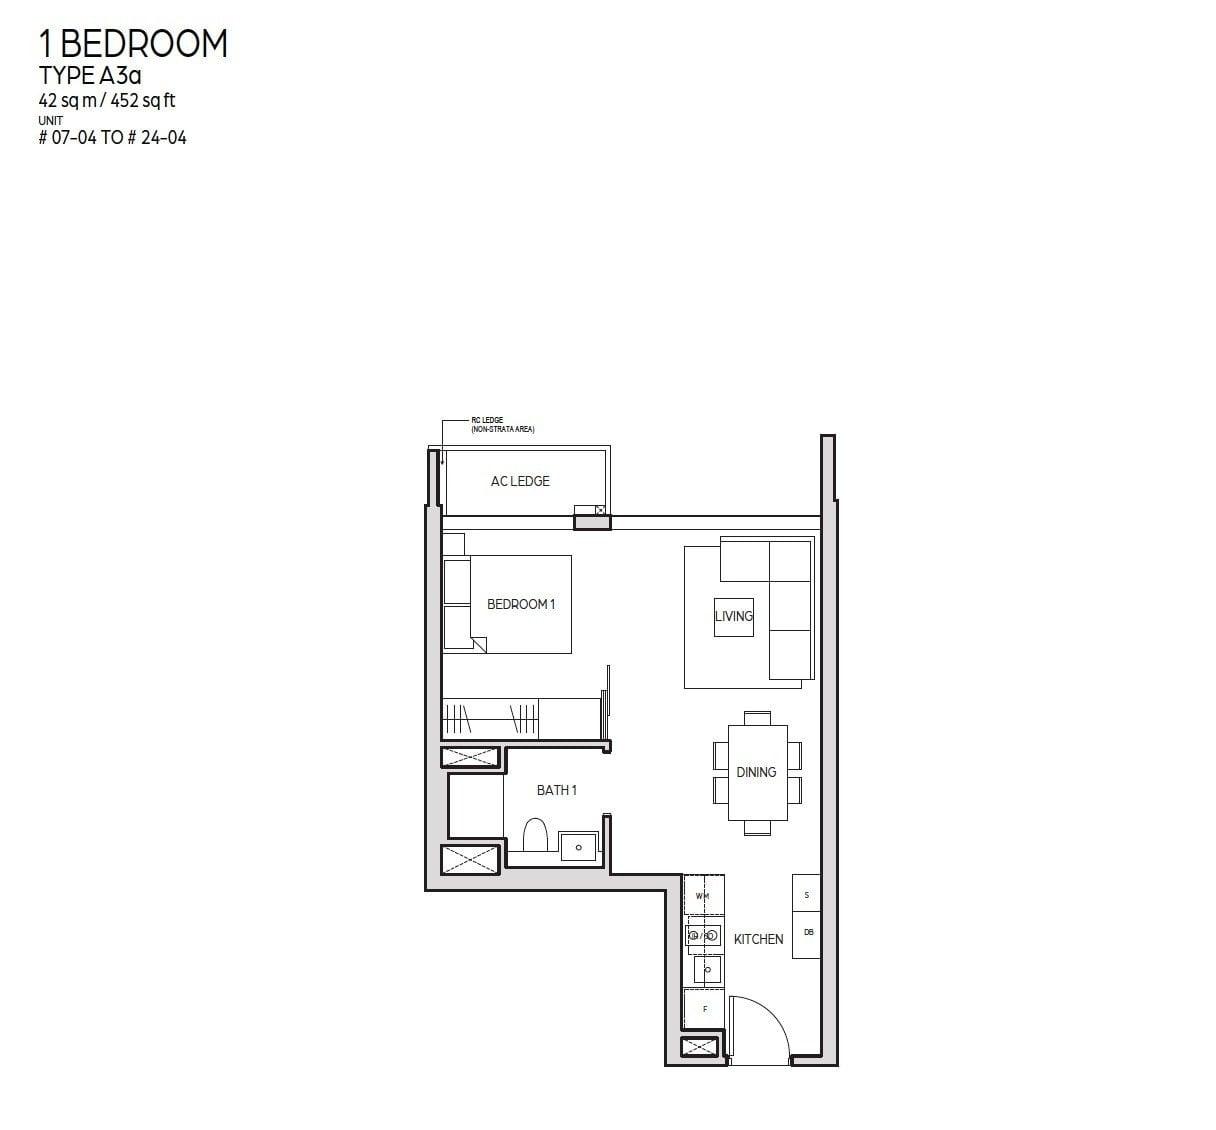 Guoco-Midtown-Bay-1BR 452sf